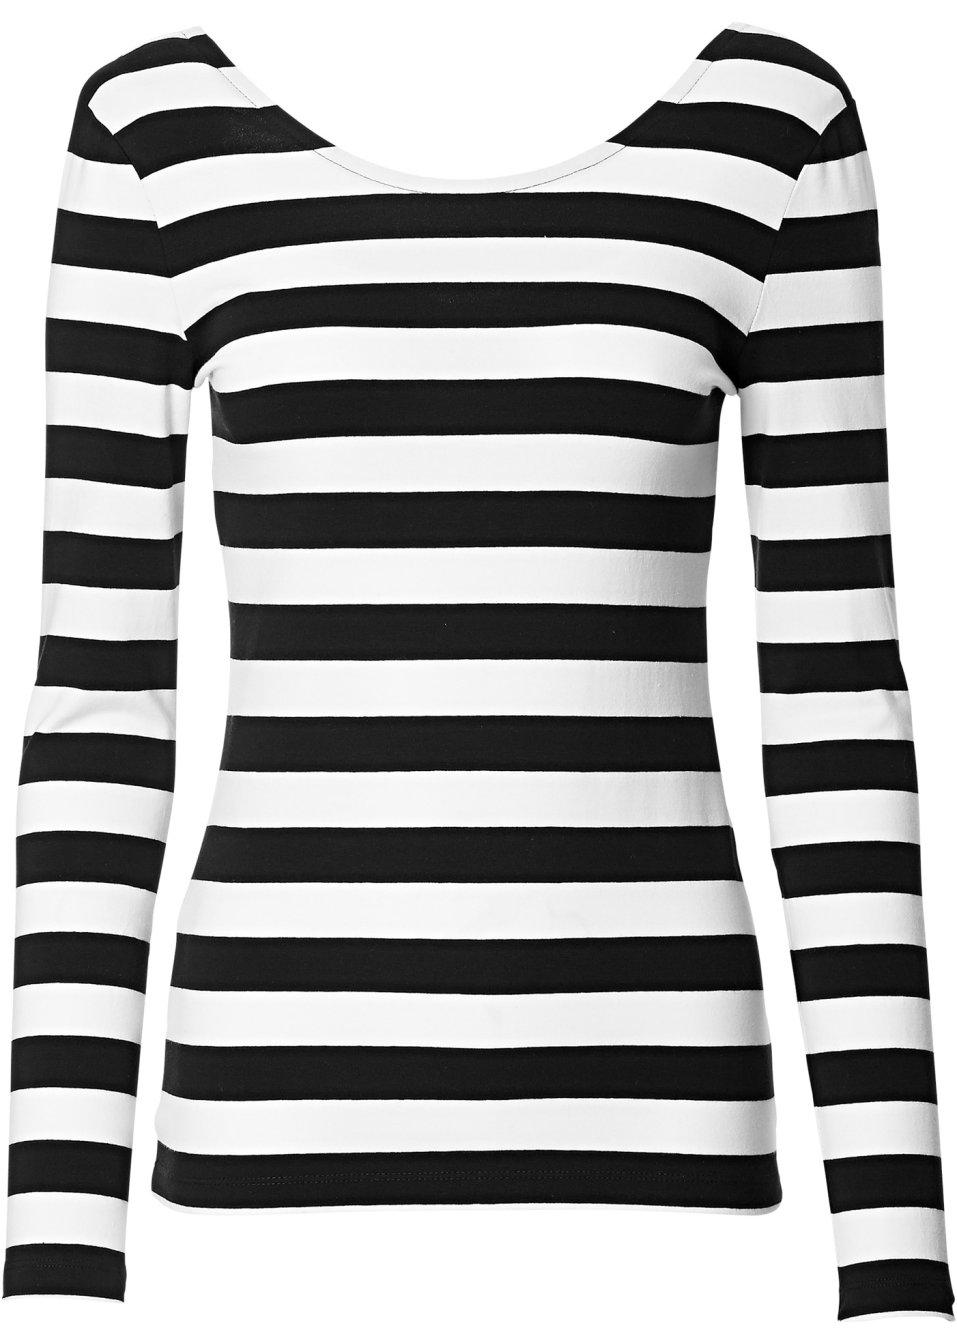 modisches shirt mit r ckenausschnitt schwarz weiss gestreift. Black Bedroom Furniture Sets. Home Design Ideas